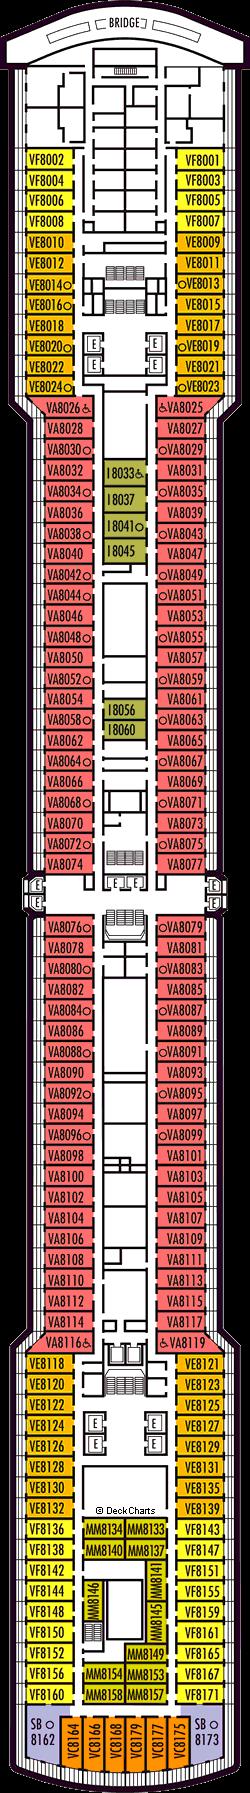 Eurodam: Navigation Deck